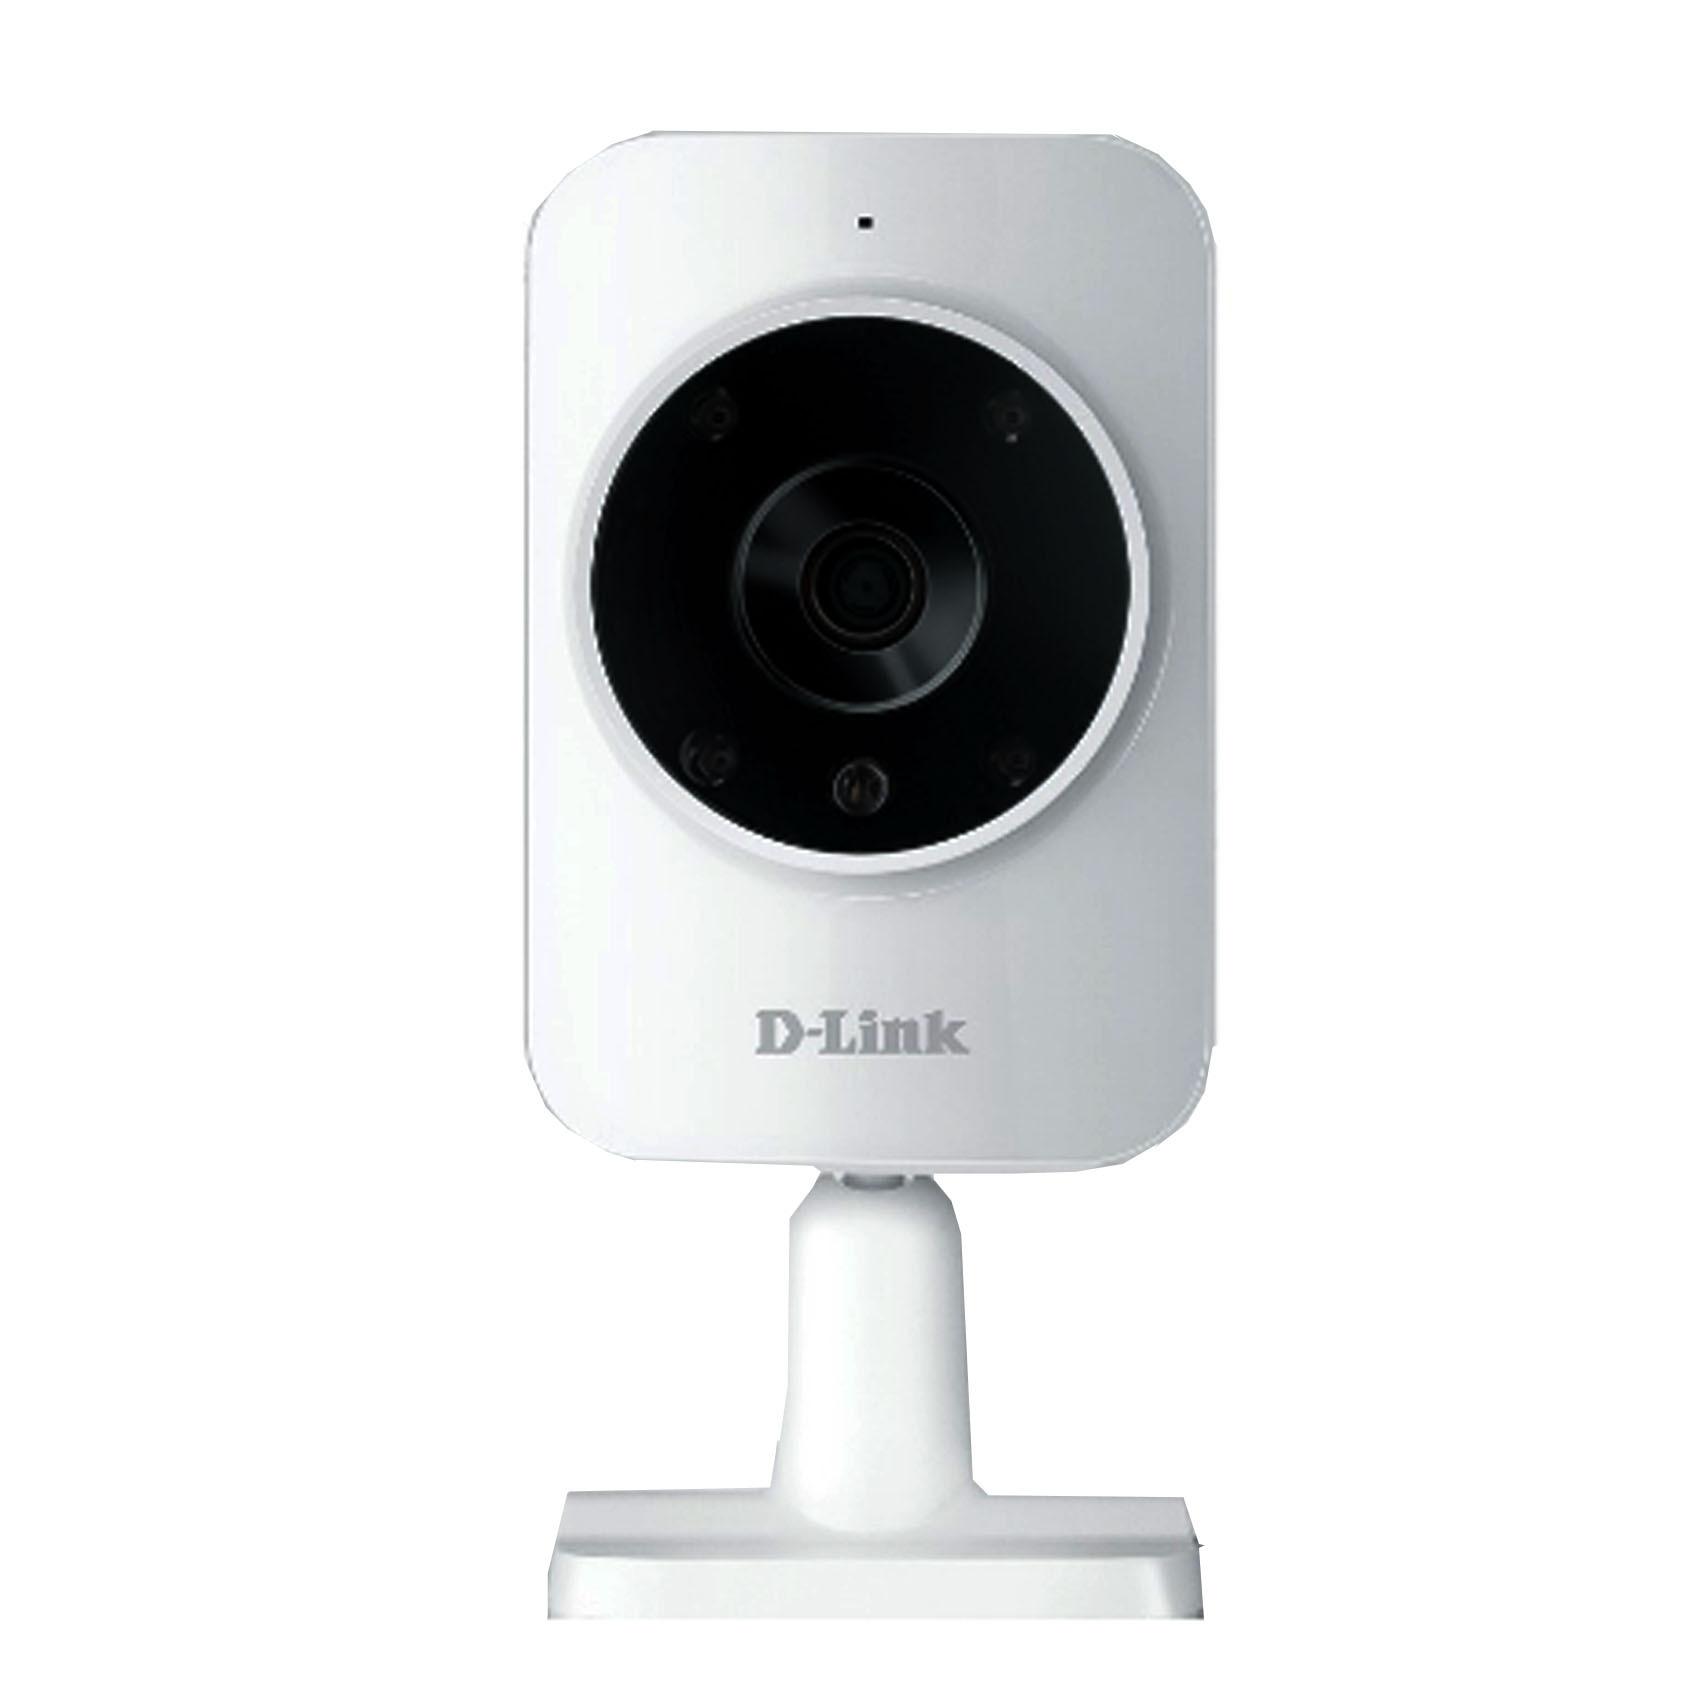 D-LINK W/L IP CAM DCS-935L